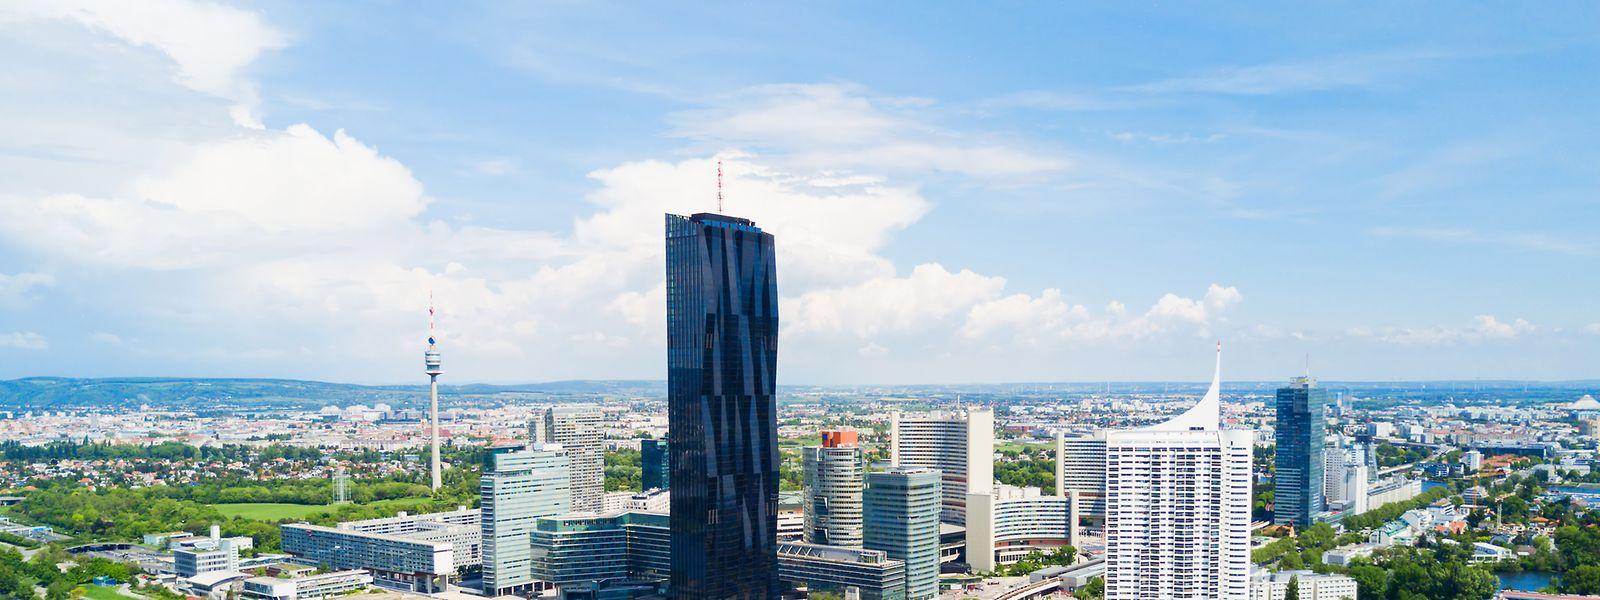 Modern und zugleich Anwohnerfreundlich. In der Donaustadt Wien wird seit 2010 das derzeit größte Stadtentwicklungsprojekt des Kontinents vorangetrieben.